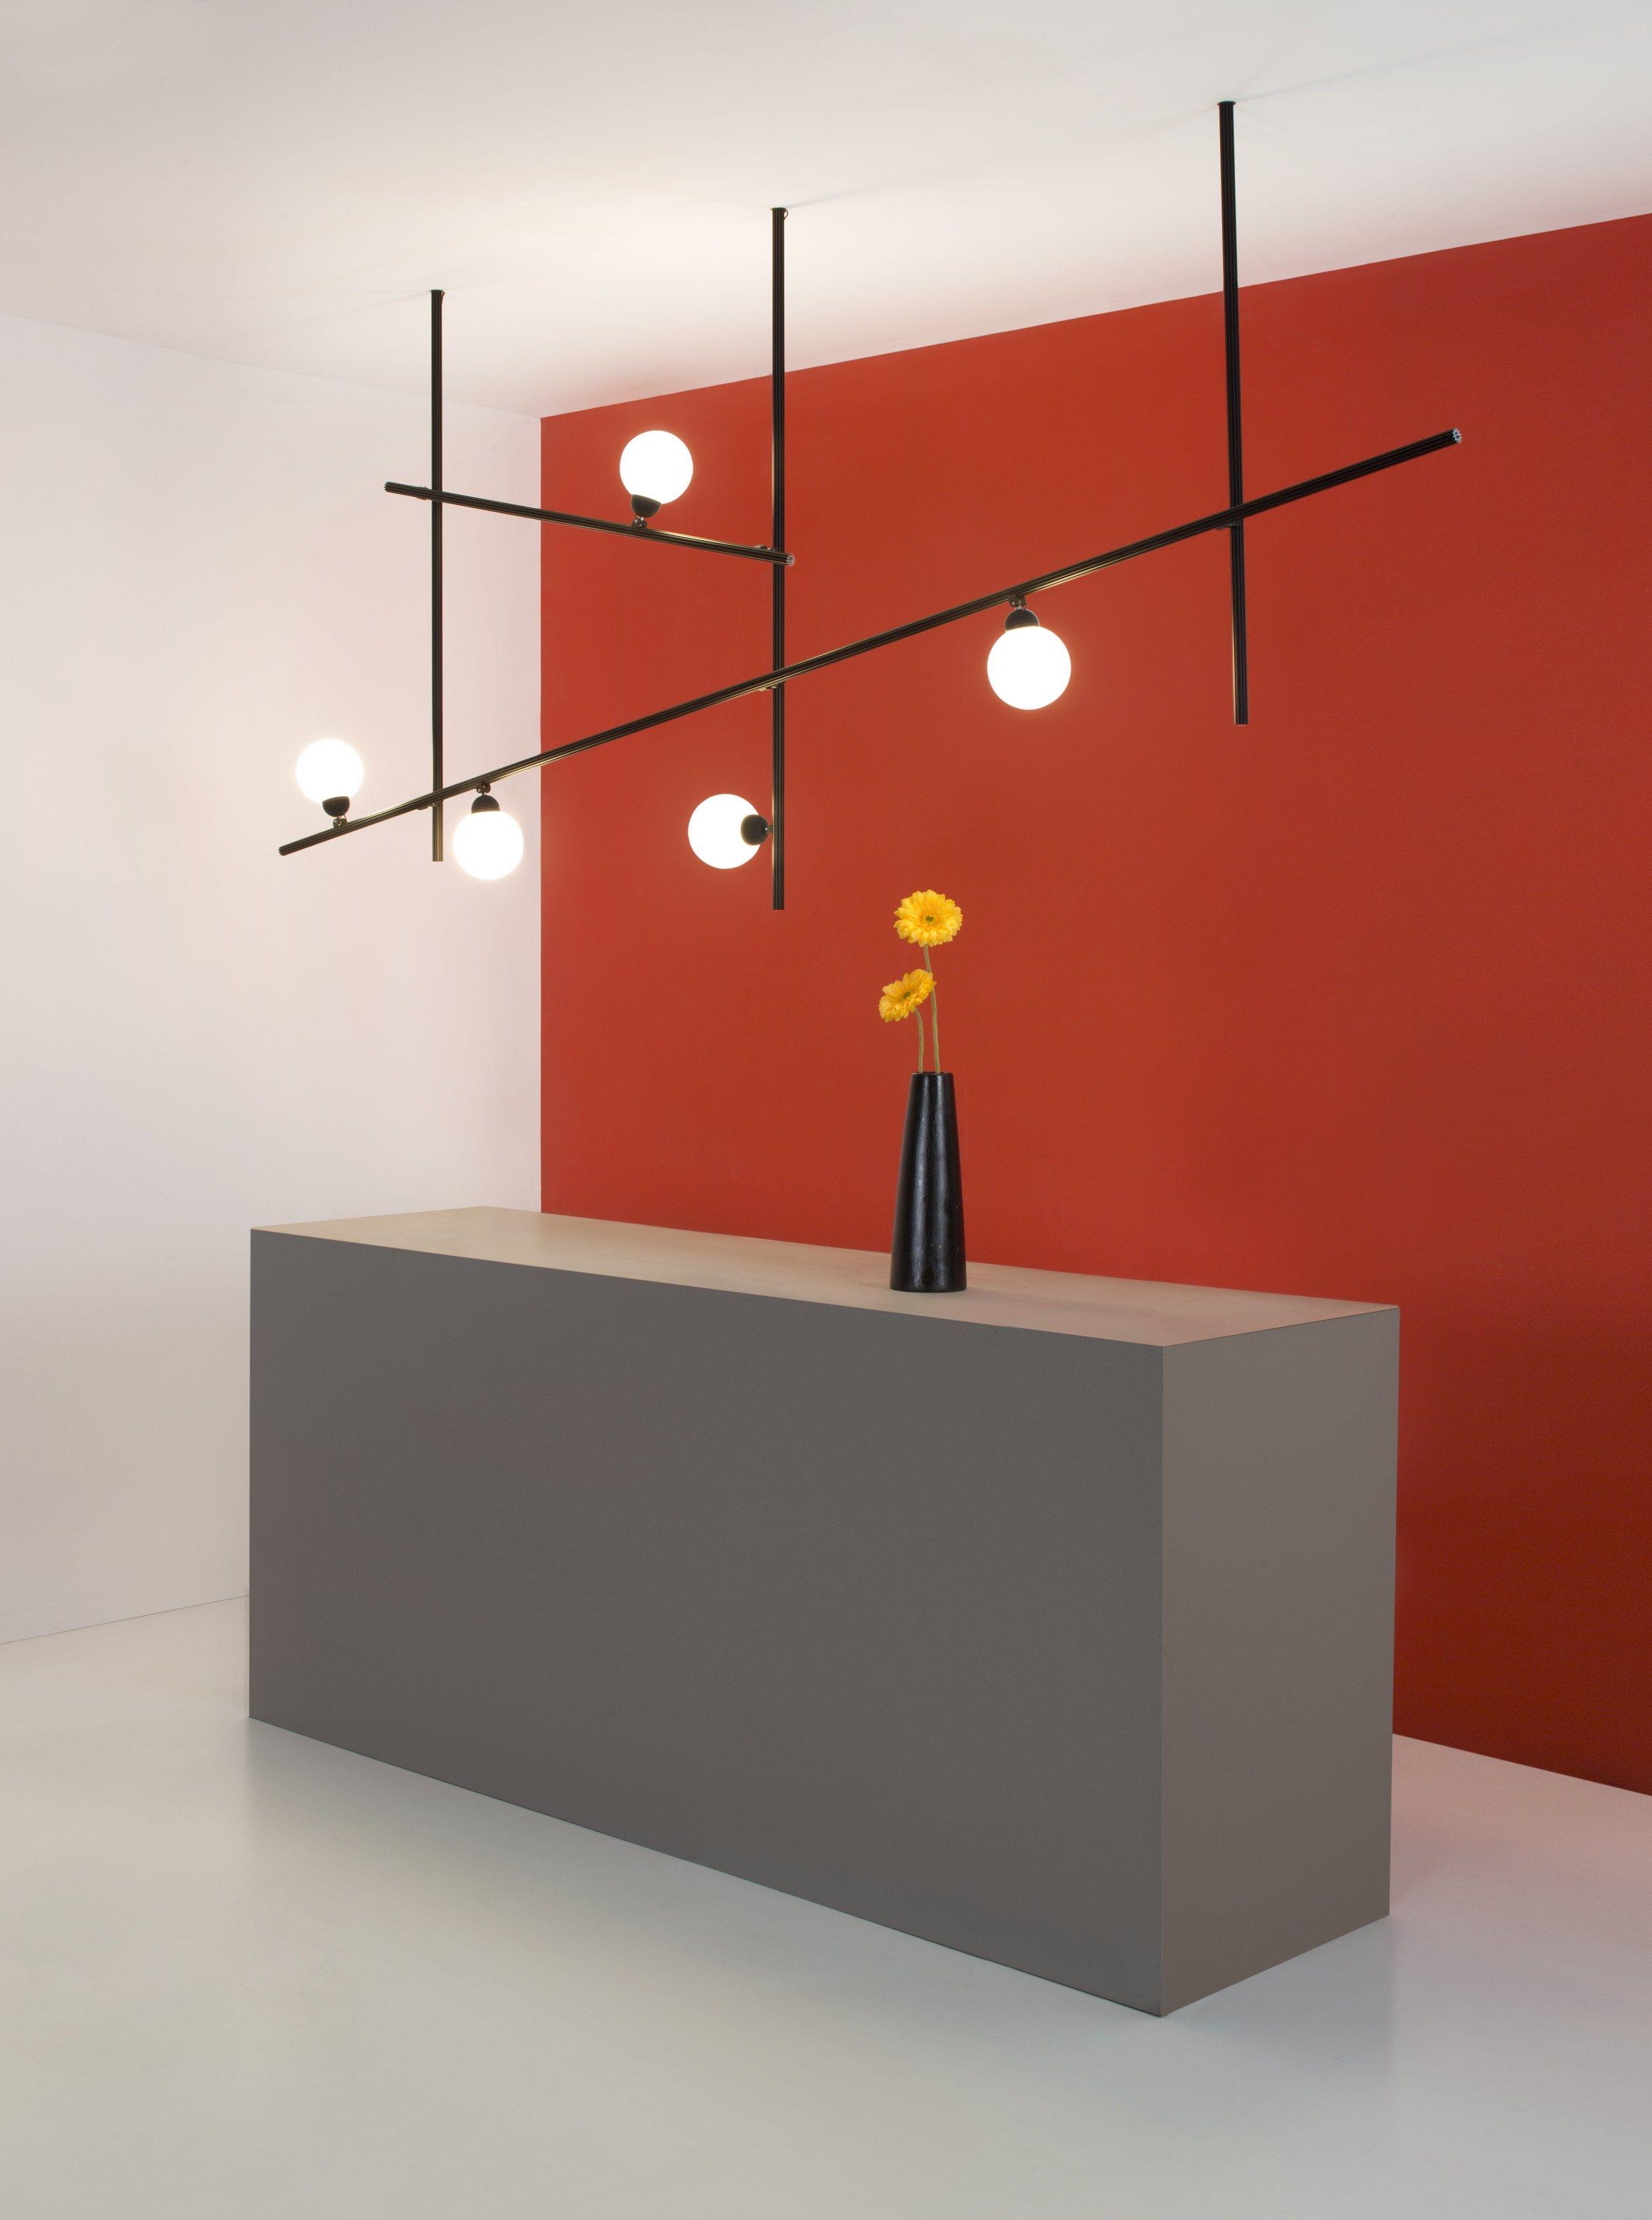 Freeline F44 By Fabbian, Led Pendant Lamp Design Flynn Talbot